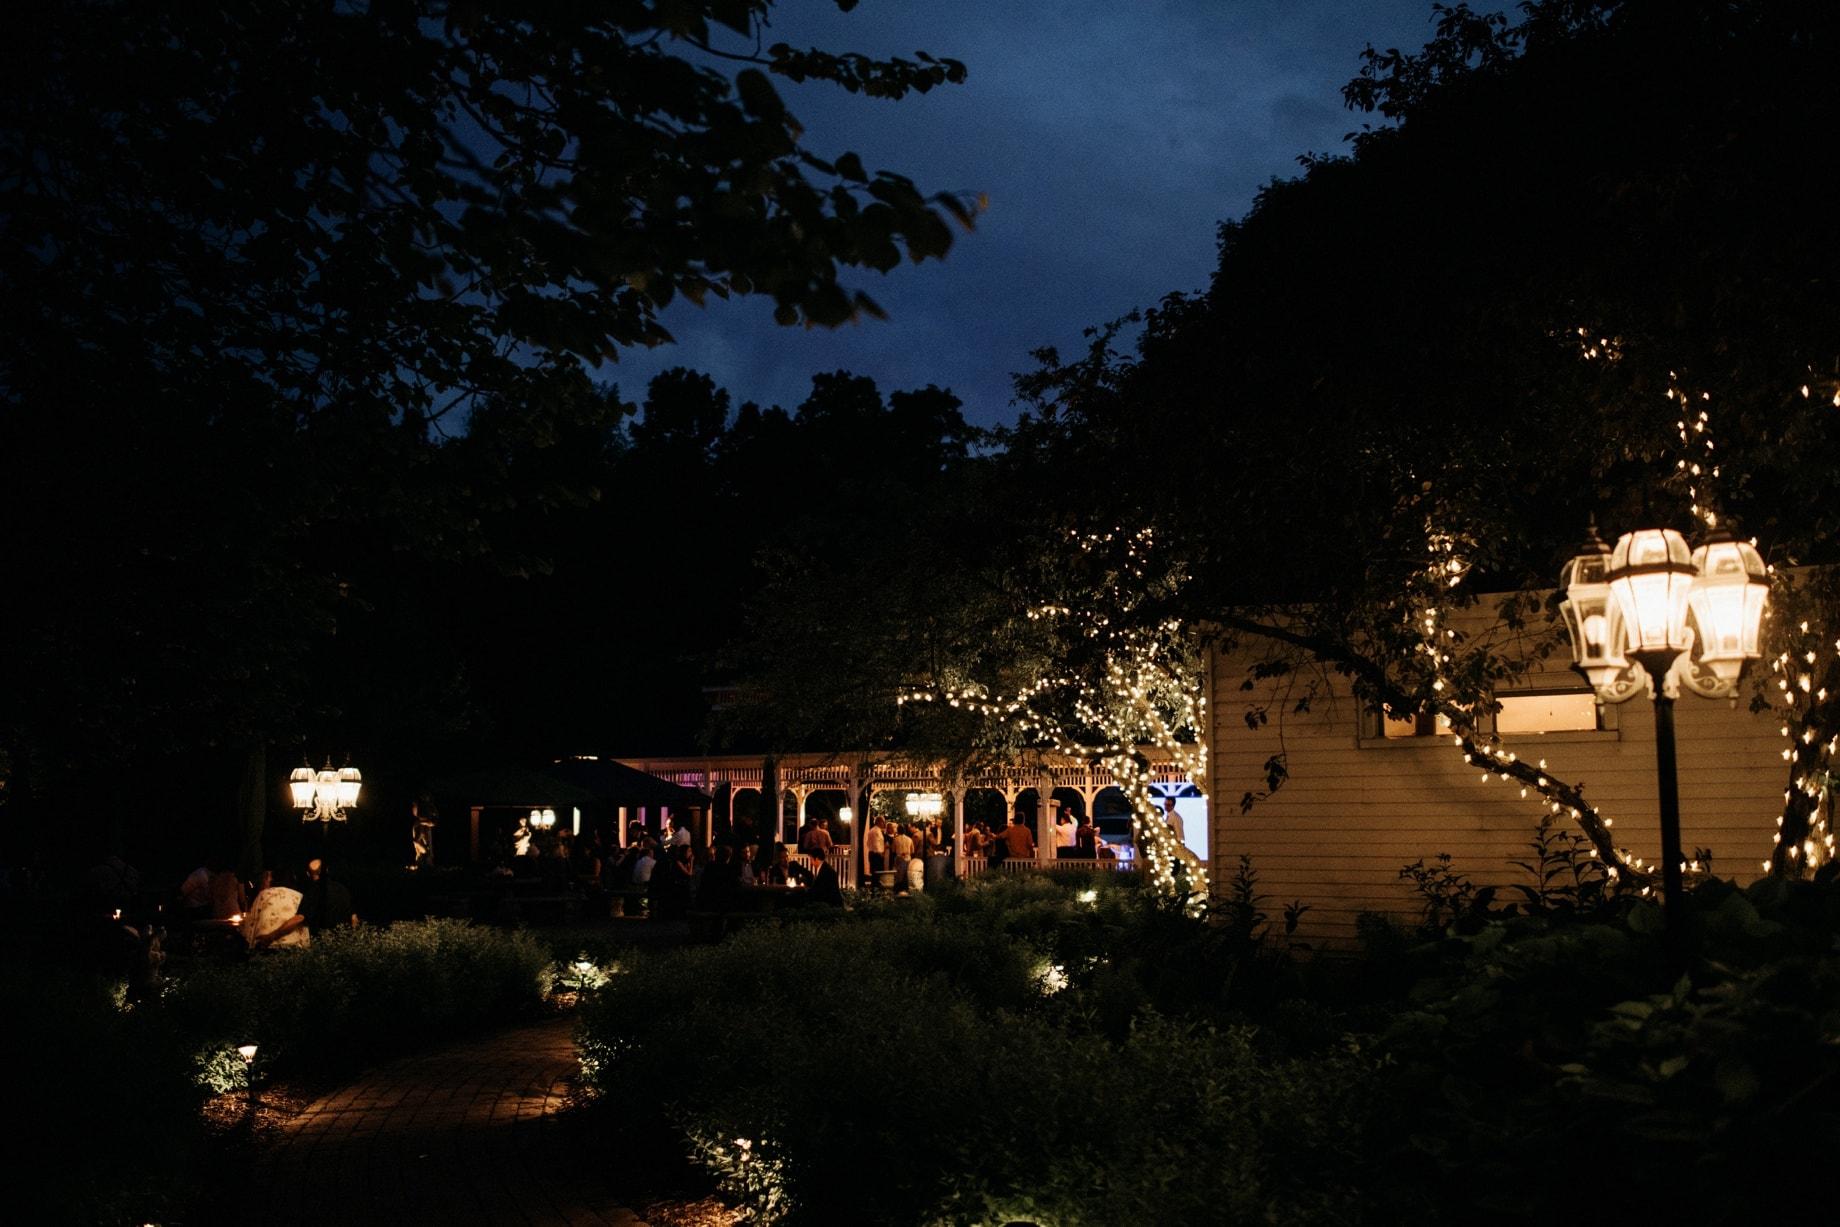 exterior evening shot of wellers in saline michigan